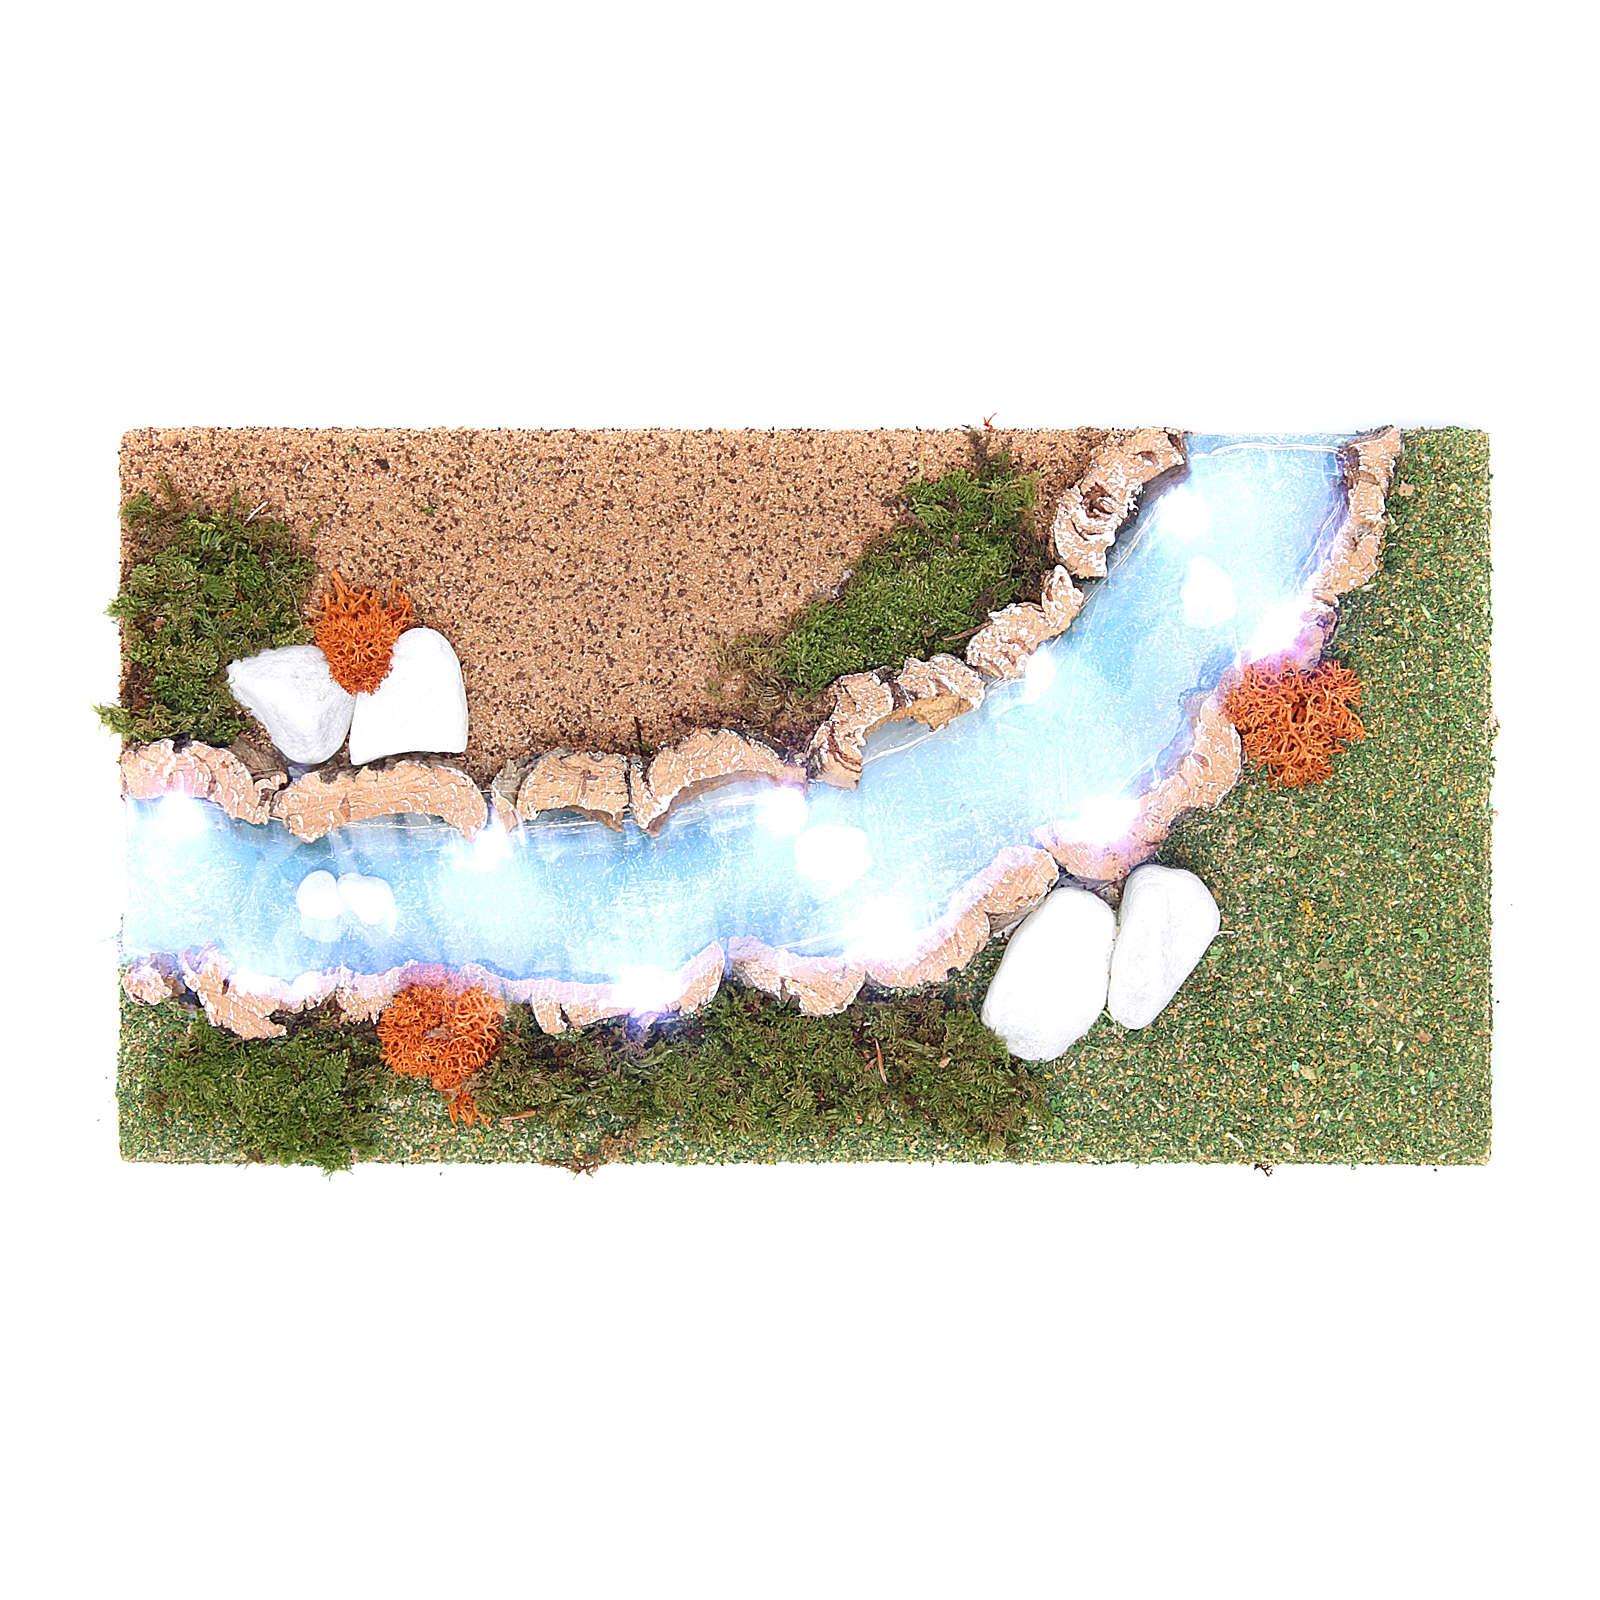 Curva fiume luminoso 30x20 cm 4